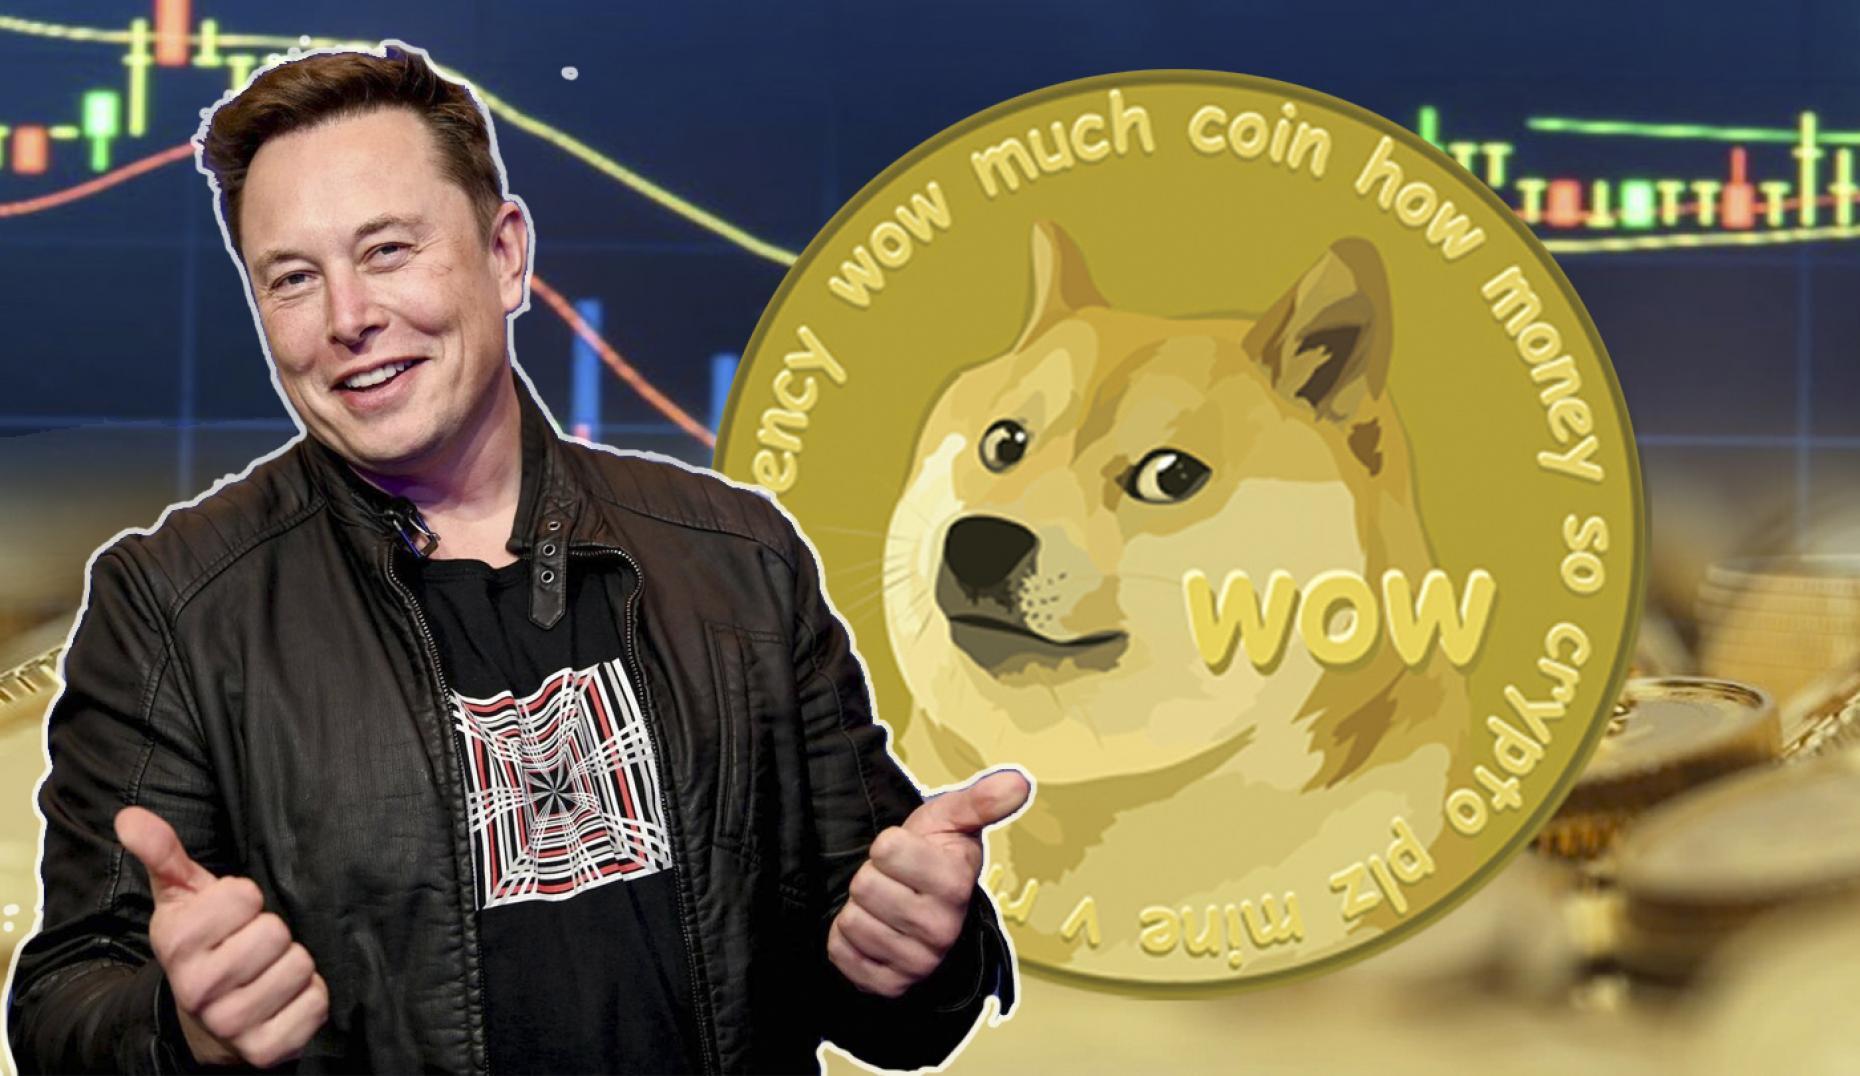 4 posibles razones por las que se ha disparado el Dogecoin (y muchas criptomonedas) 1